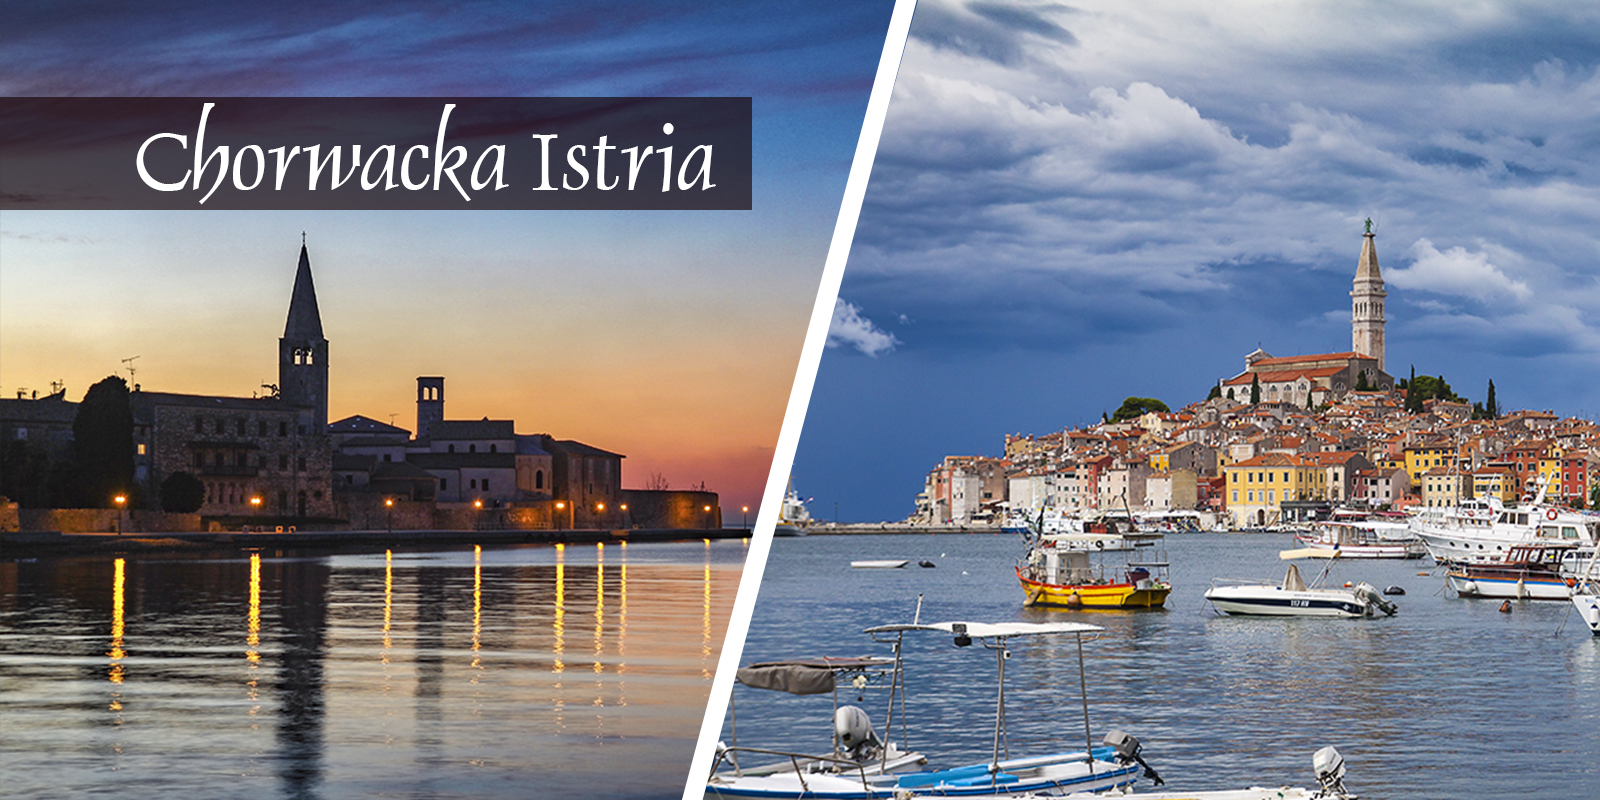 Rovinj Istria Chorwacja Atrakcje Zwiedzanie